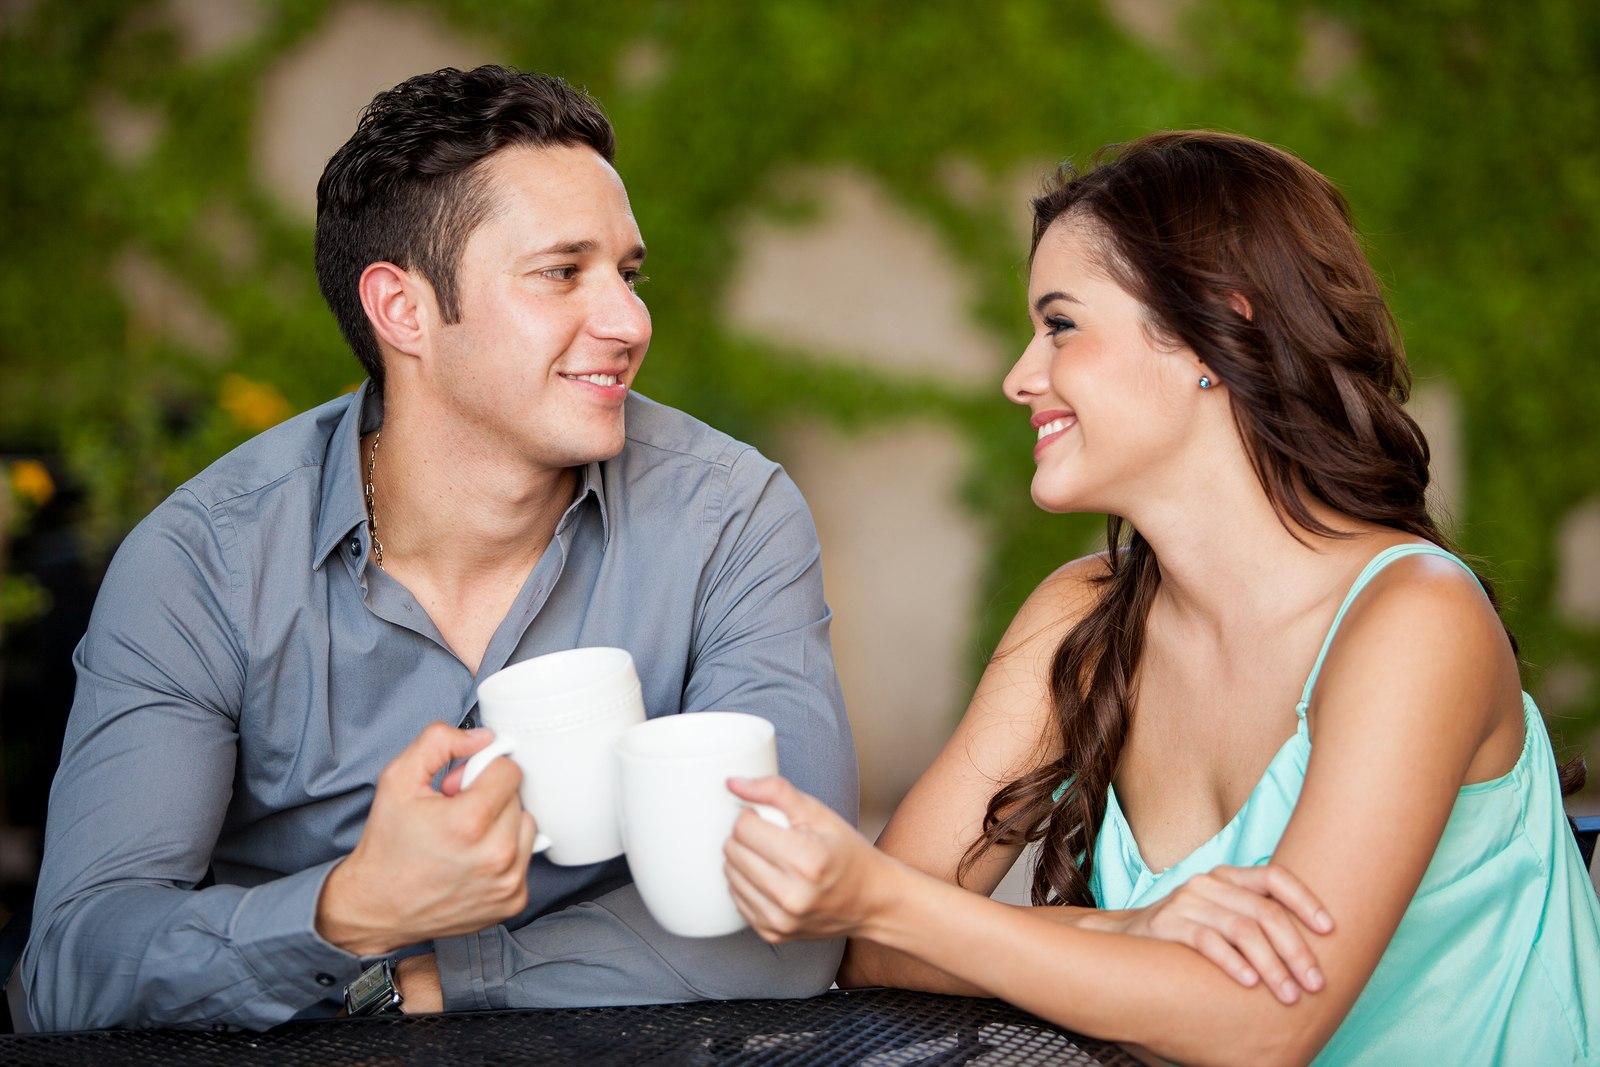 Свидание с любовником фото 11 фотография